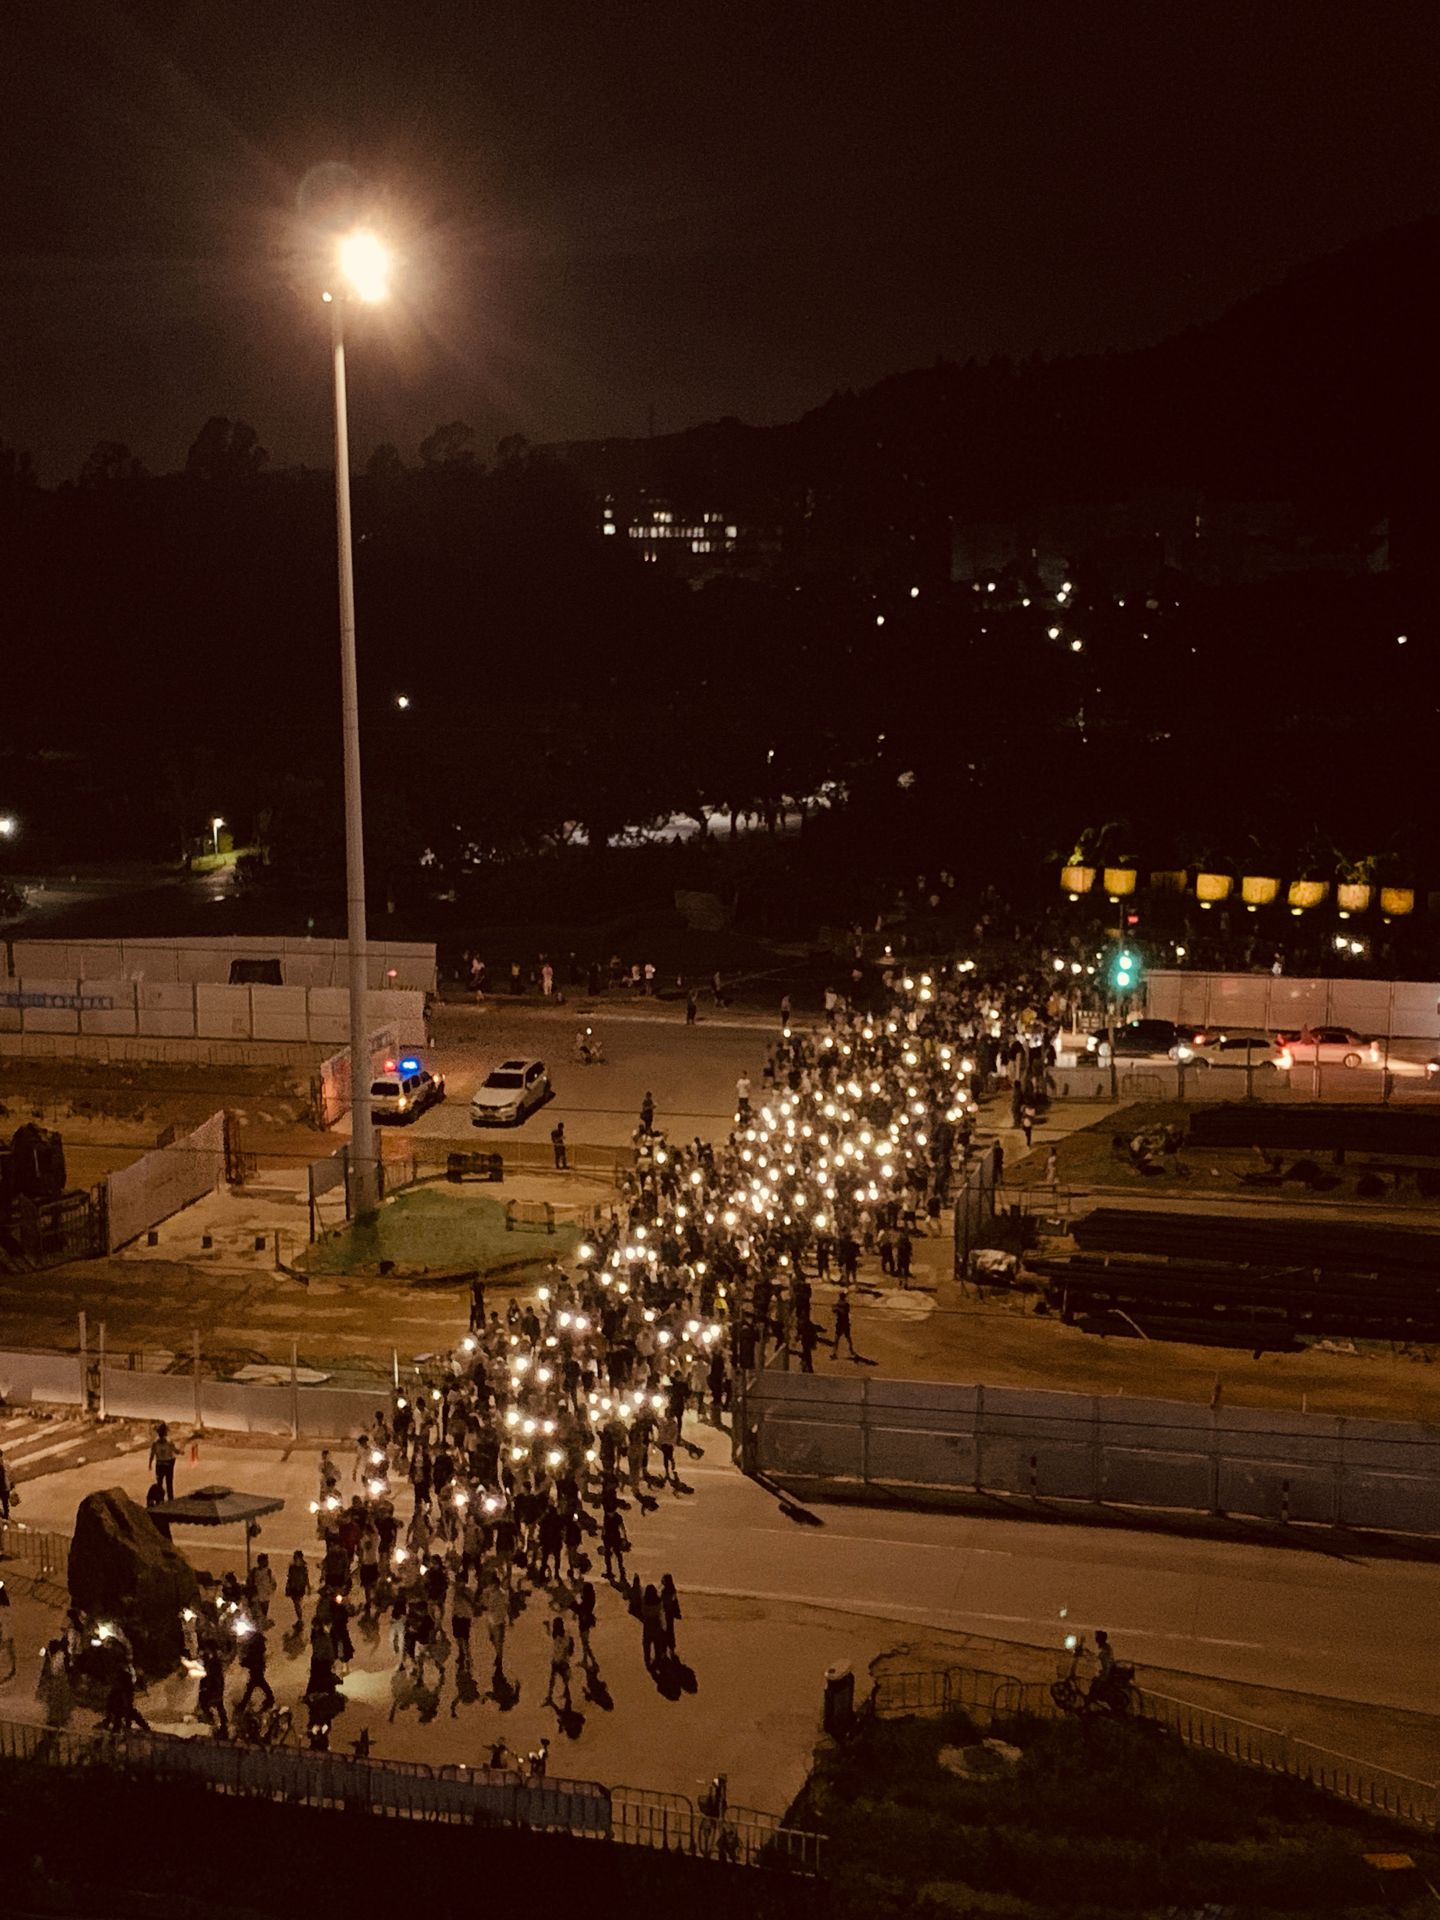 五月维权合集:黑暗和镇压遮不住五月的红色与抗争